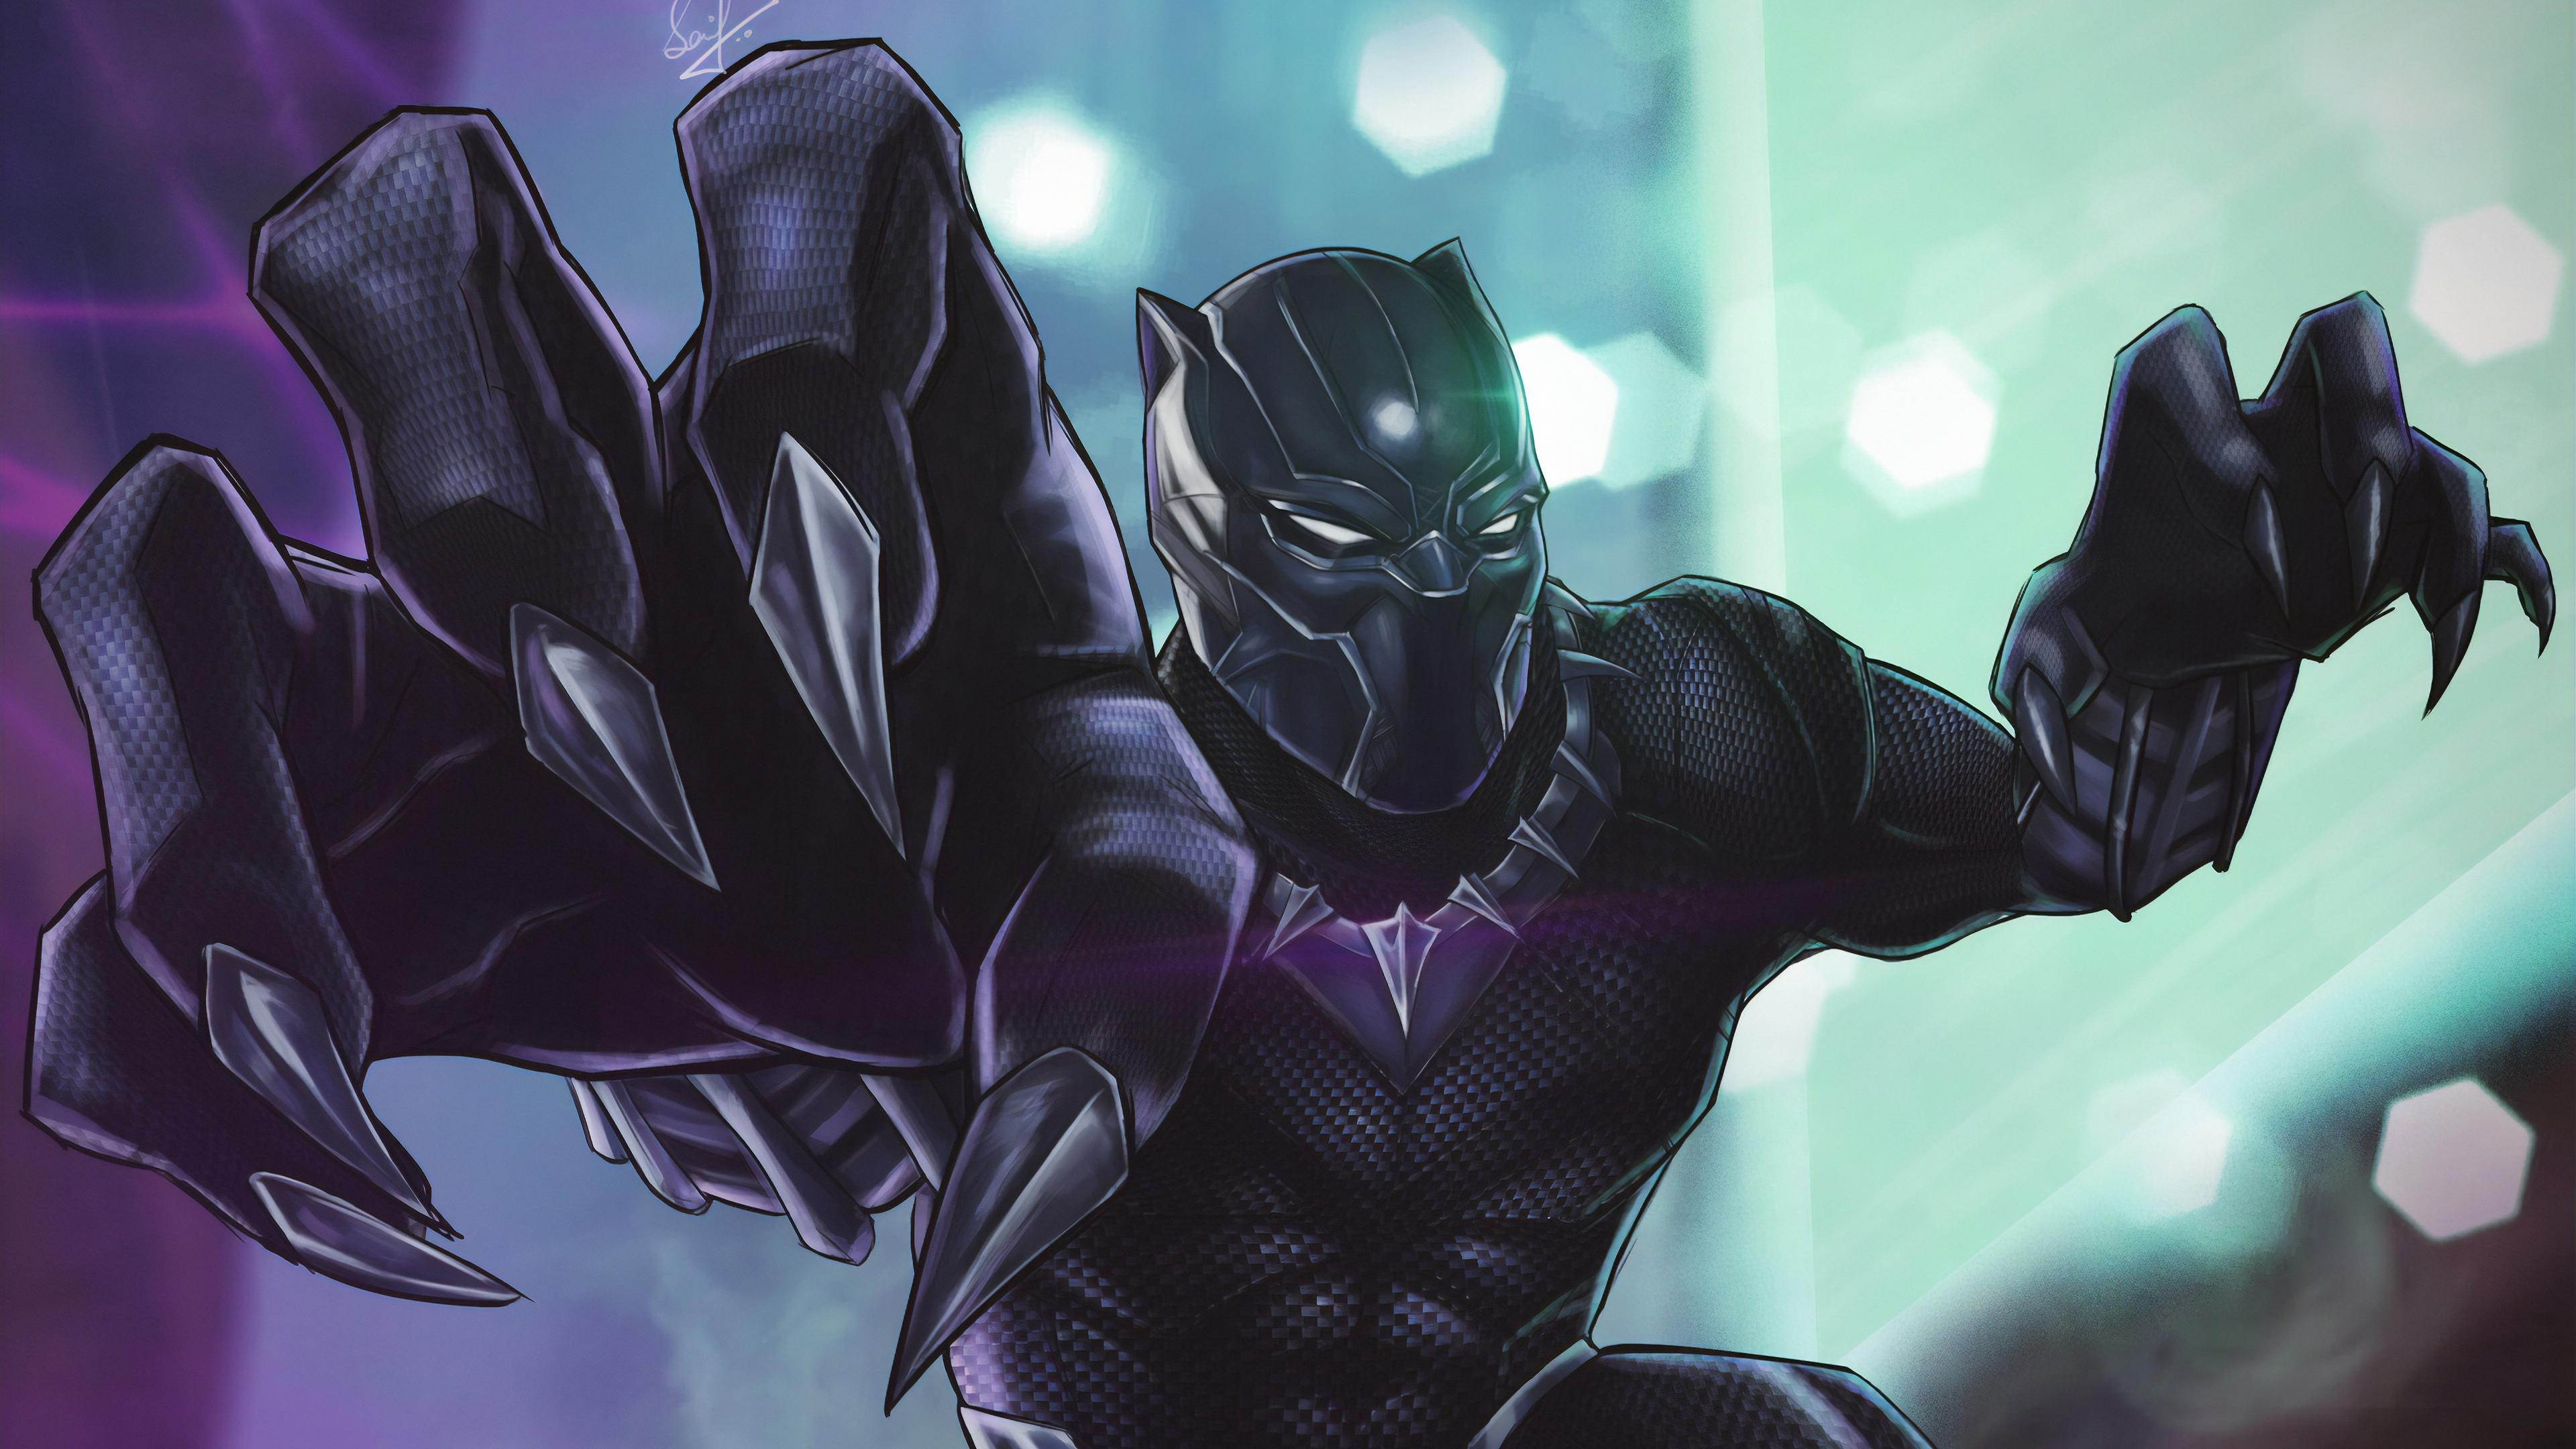 black panther arts 1570394326 - Black Panther arts - superheroes wallpapers, hd-wallpapers, black panther wallpapers, artwork wallpapers, artstation wallpapers, 4k-wallpapers